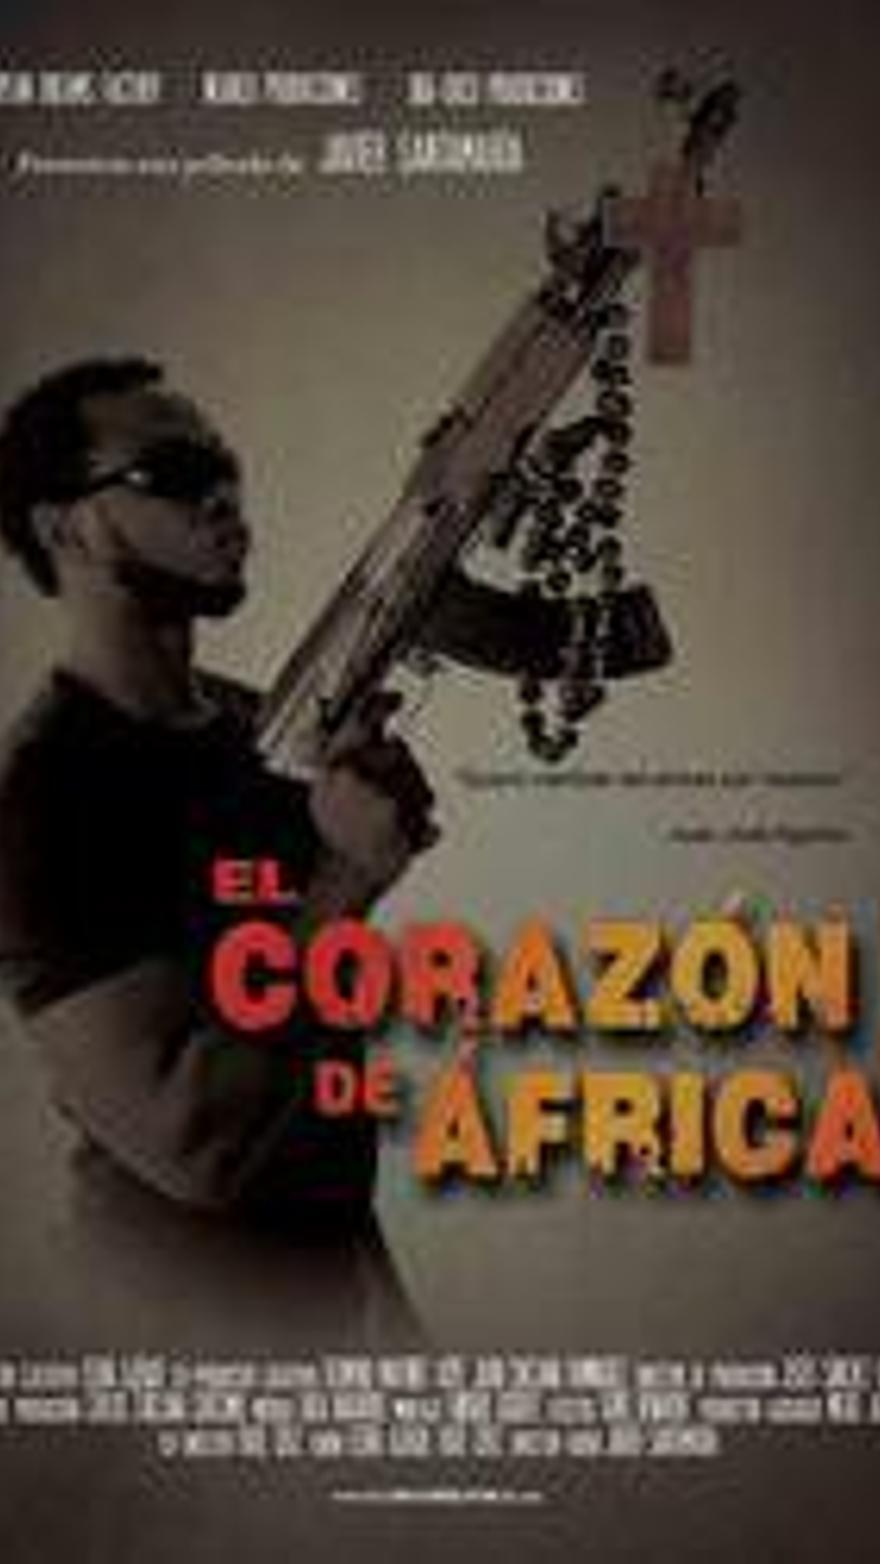 El corazón de África